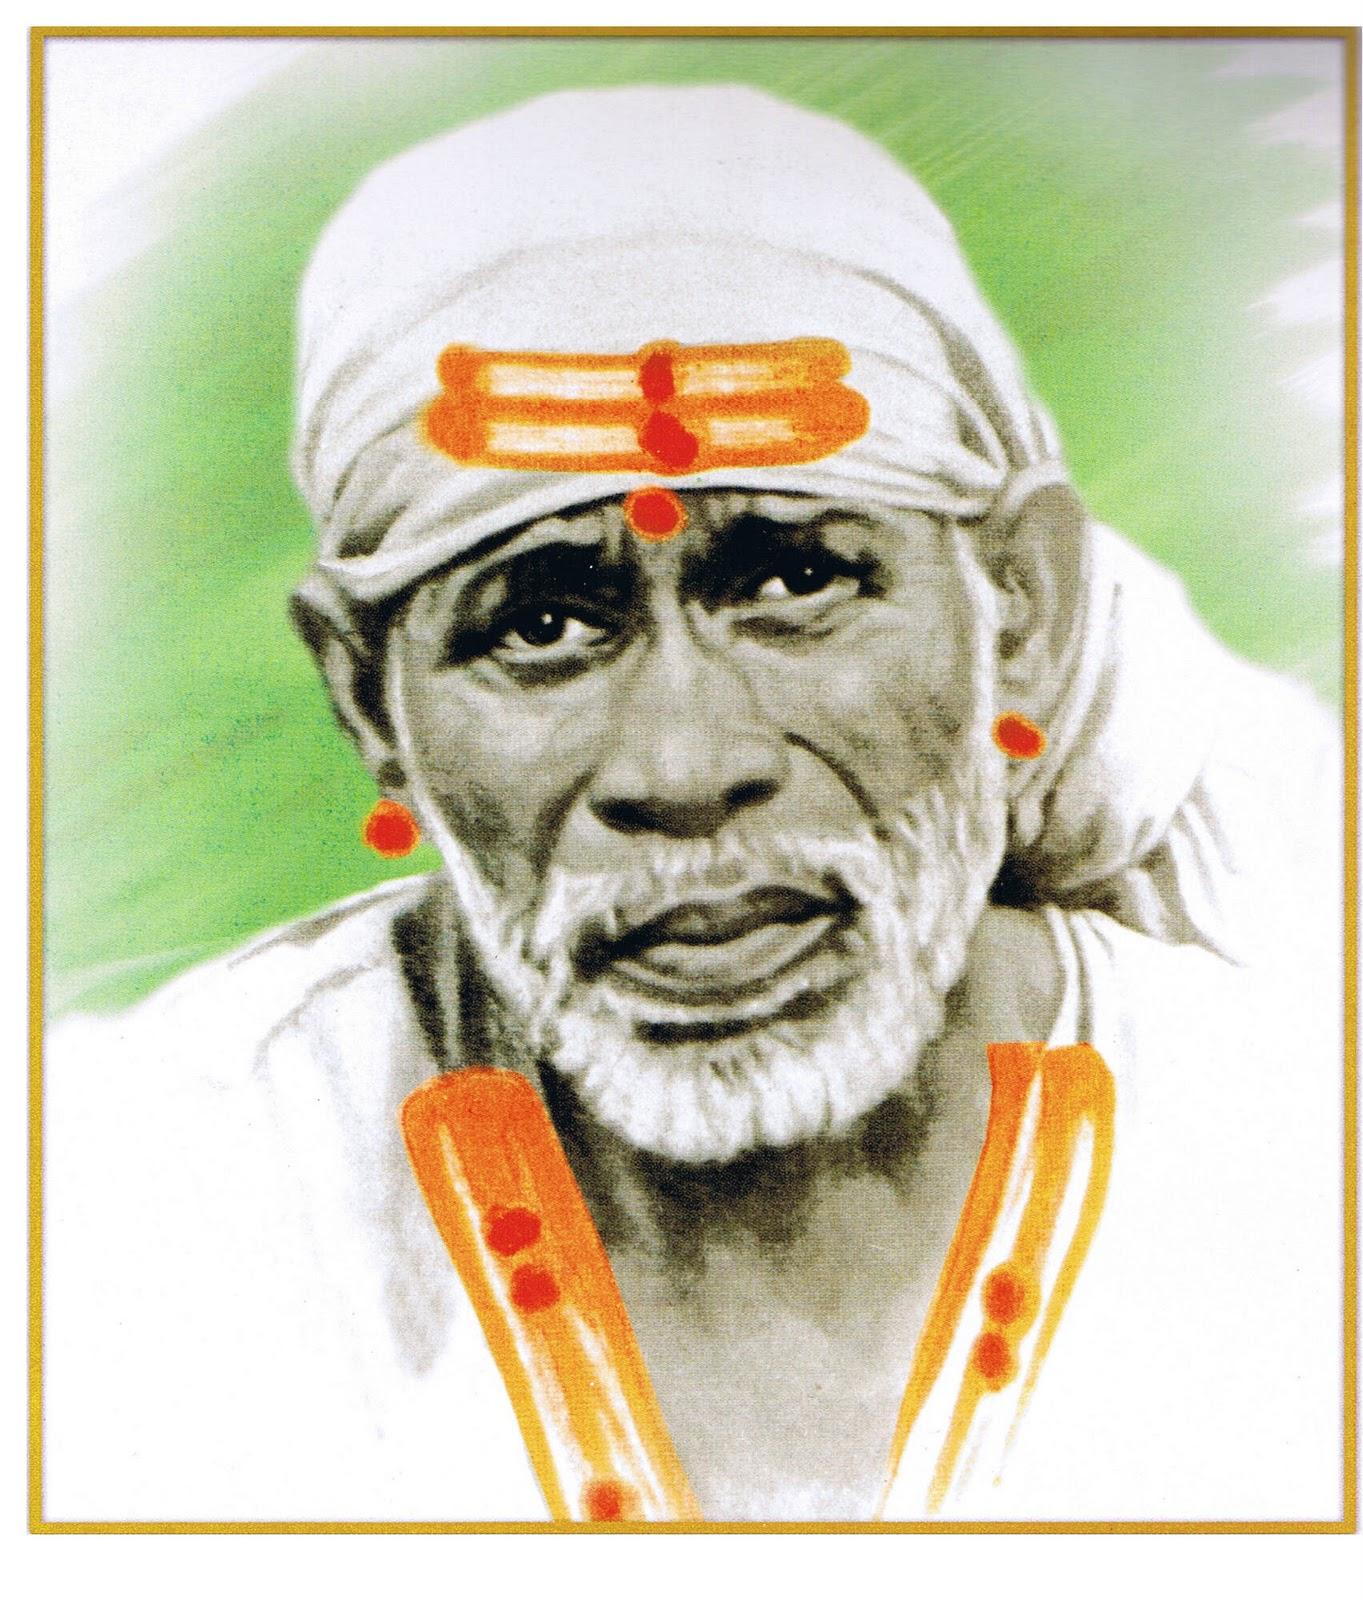 http://4.bp.blogspot.com/_hEeDlsg8wA4/TSbGOuQOPGI/AAAAAAAABHA/s0hH6iprLTo/s1600/-images-SriSaiBaba.jpg